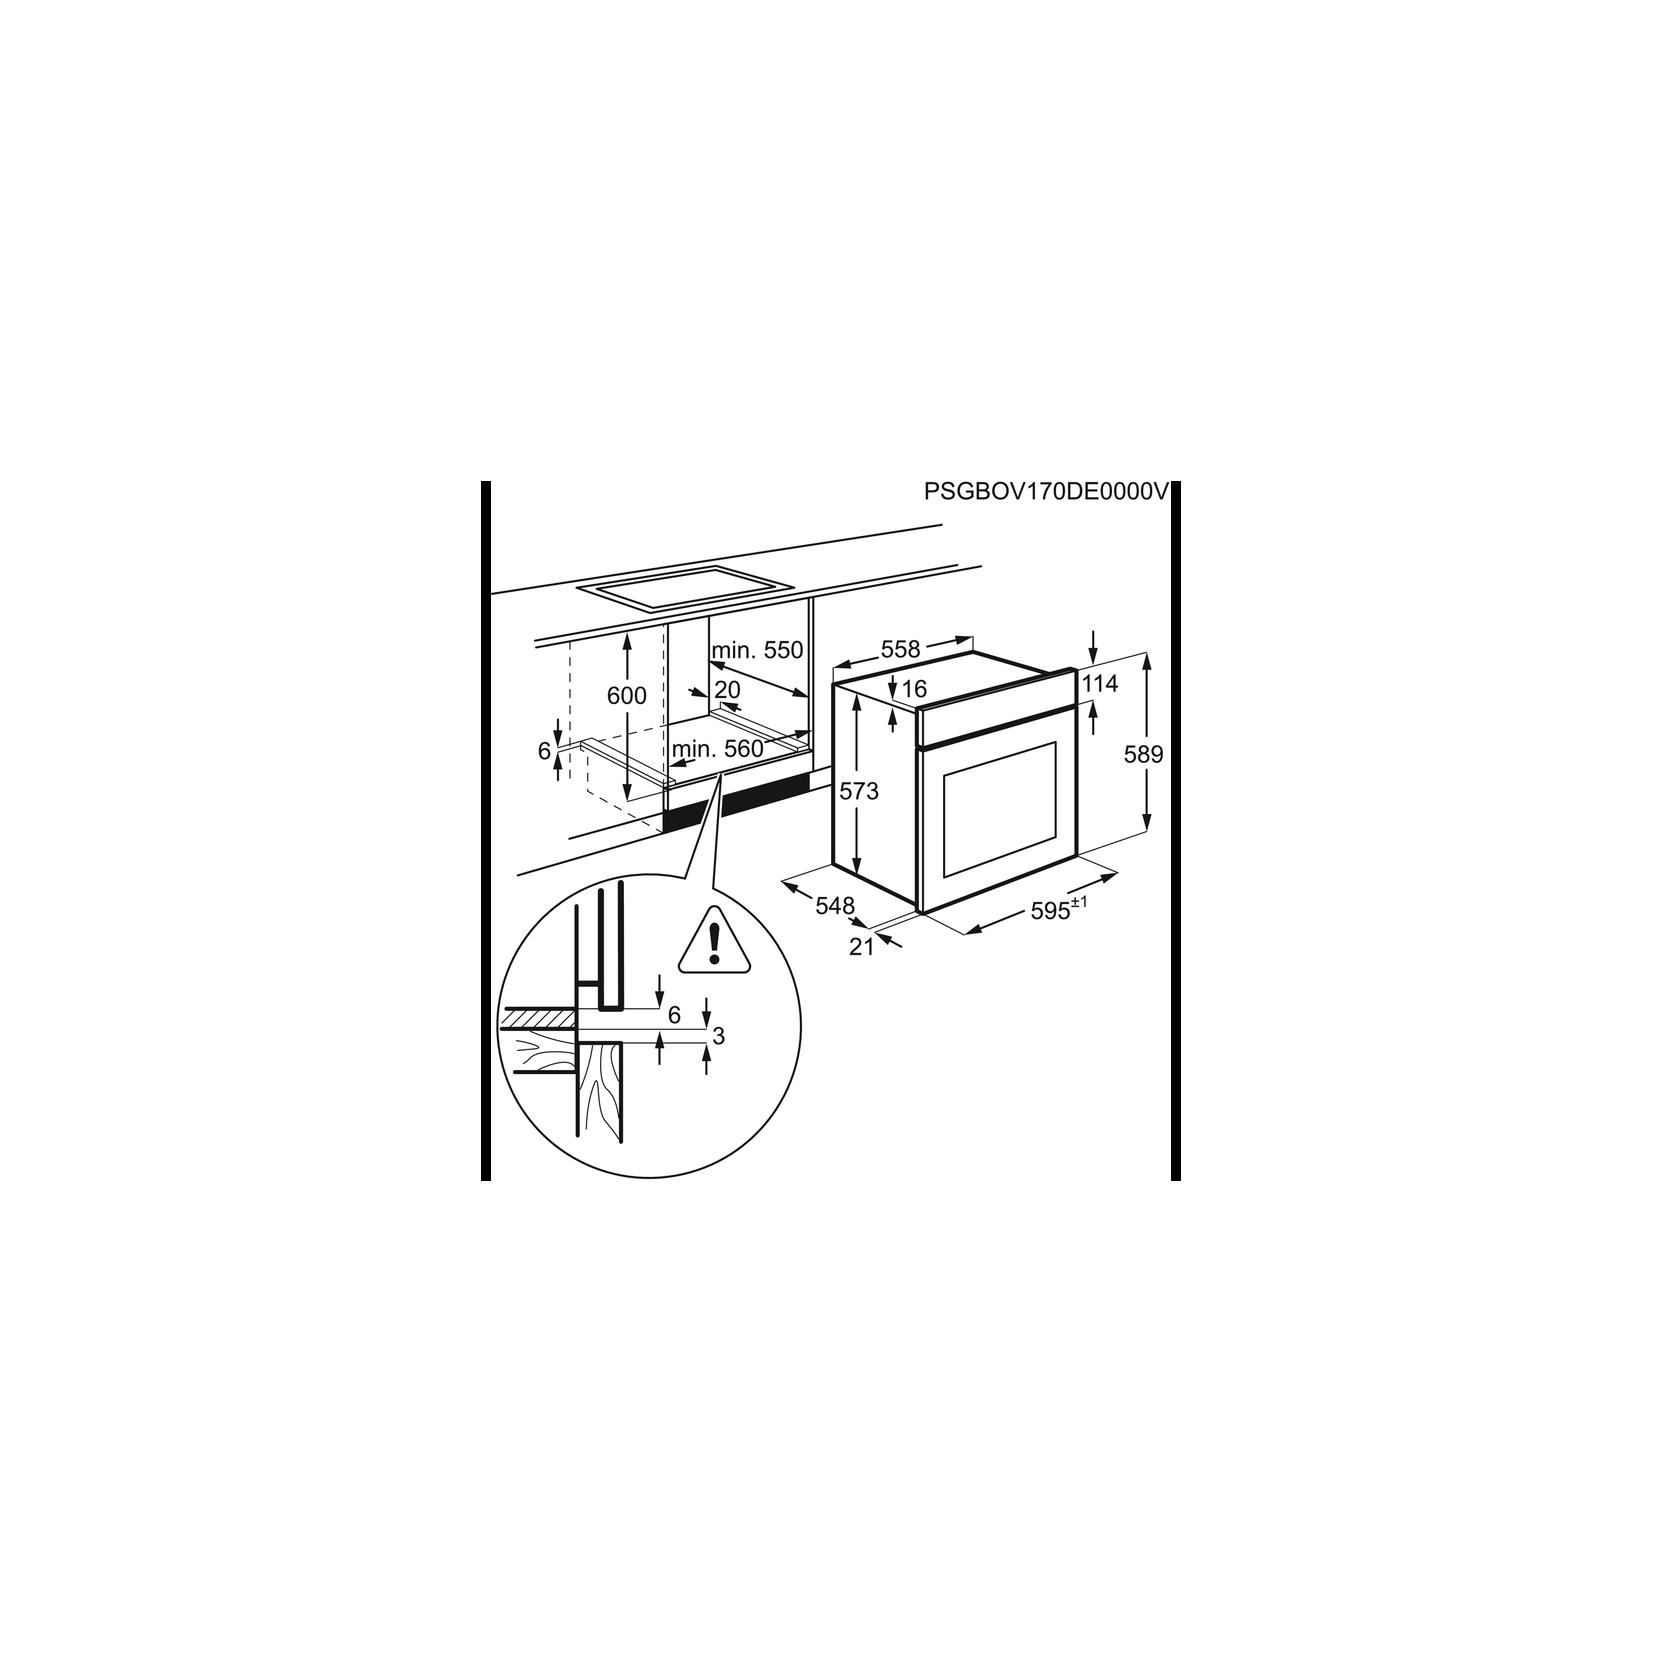 Aeg bpk531221m forno multifunzione elettrico da incasso cm - Forno da incasso aeg ...